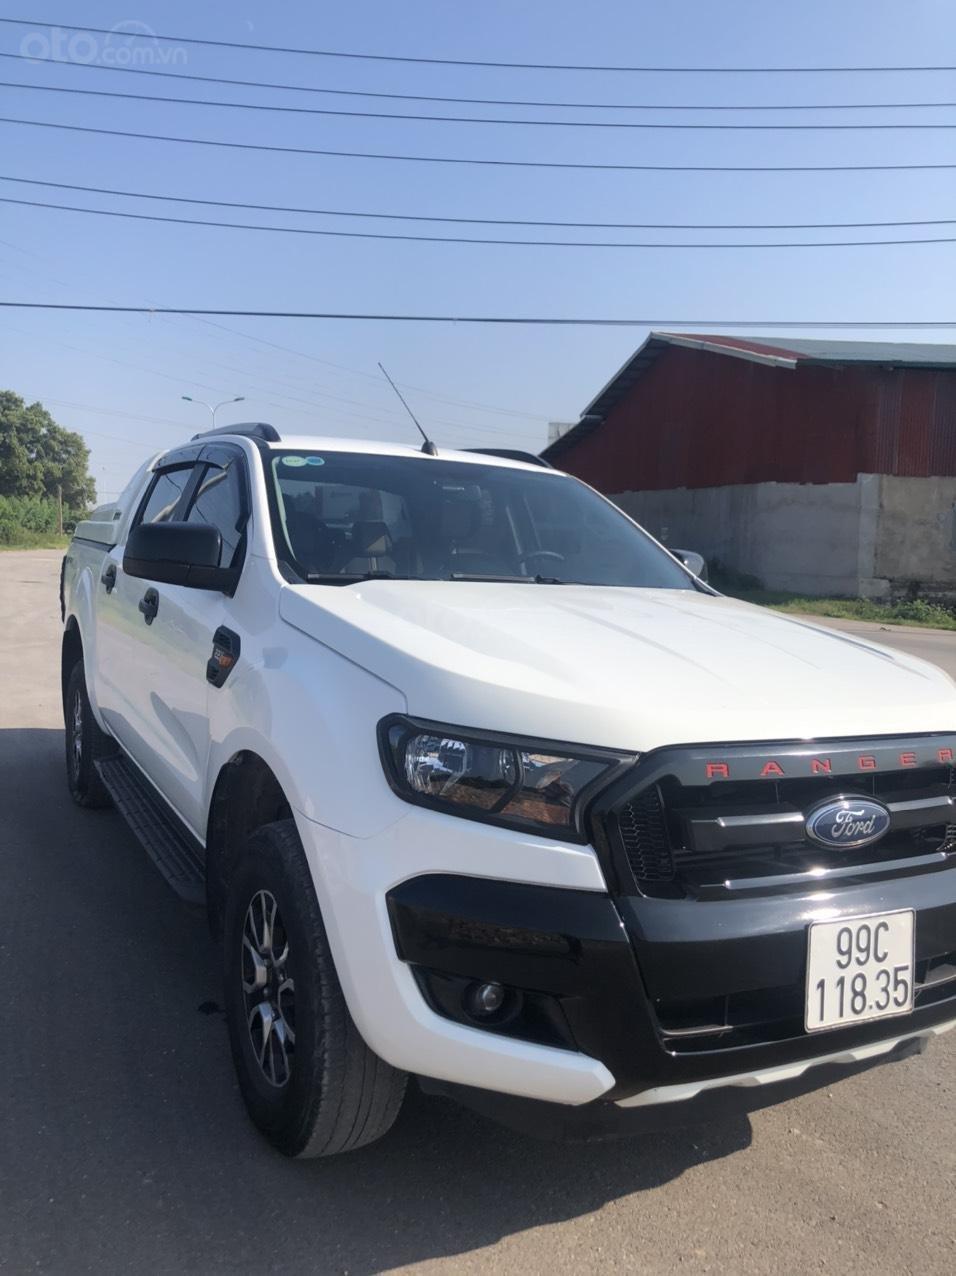 Cần bán gấp Ford Ranger đời 2017, màu trắng, nhập khẩu, giá tốt 550 triệu đồng (4)